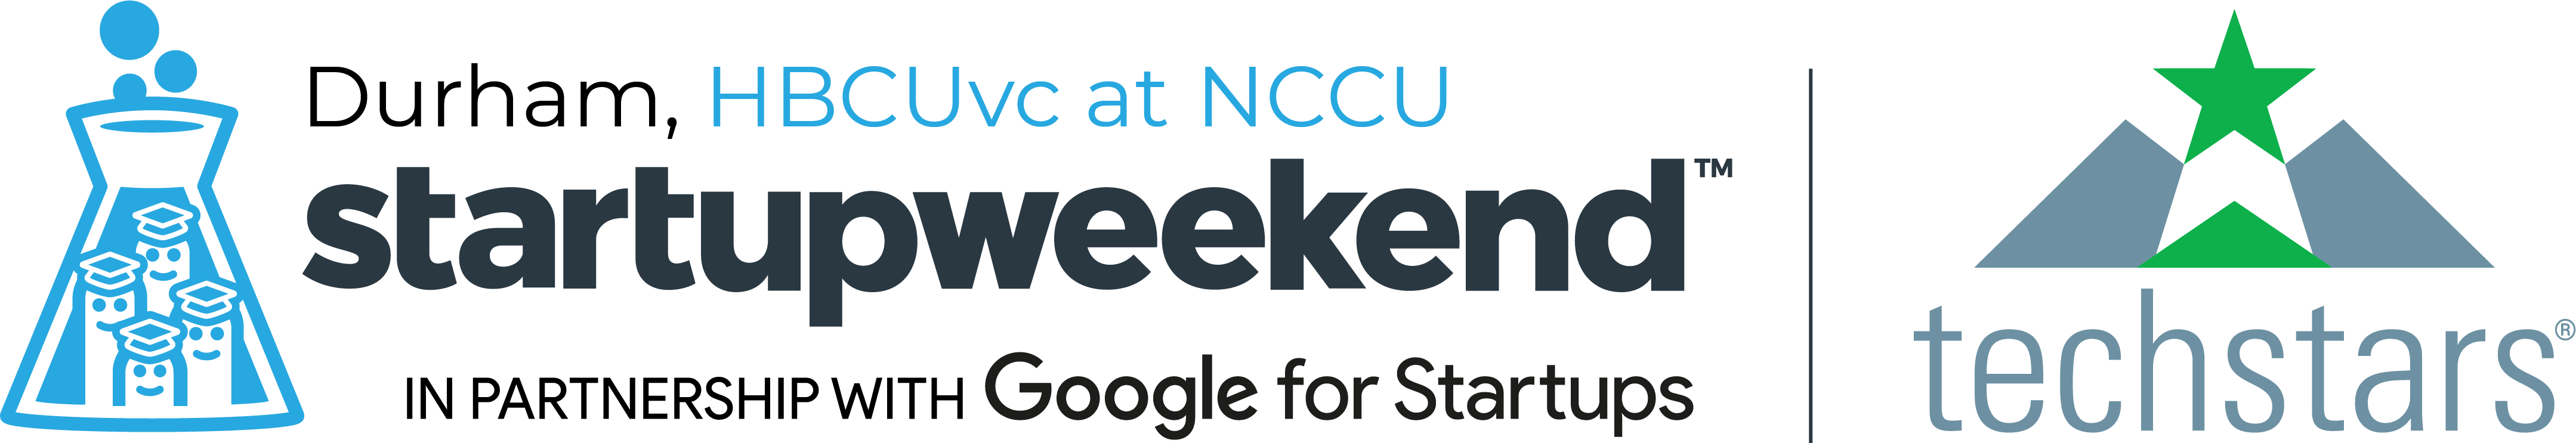 HBCUvc X Techstars - Startup Weekend Fisk